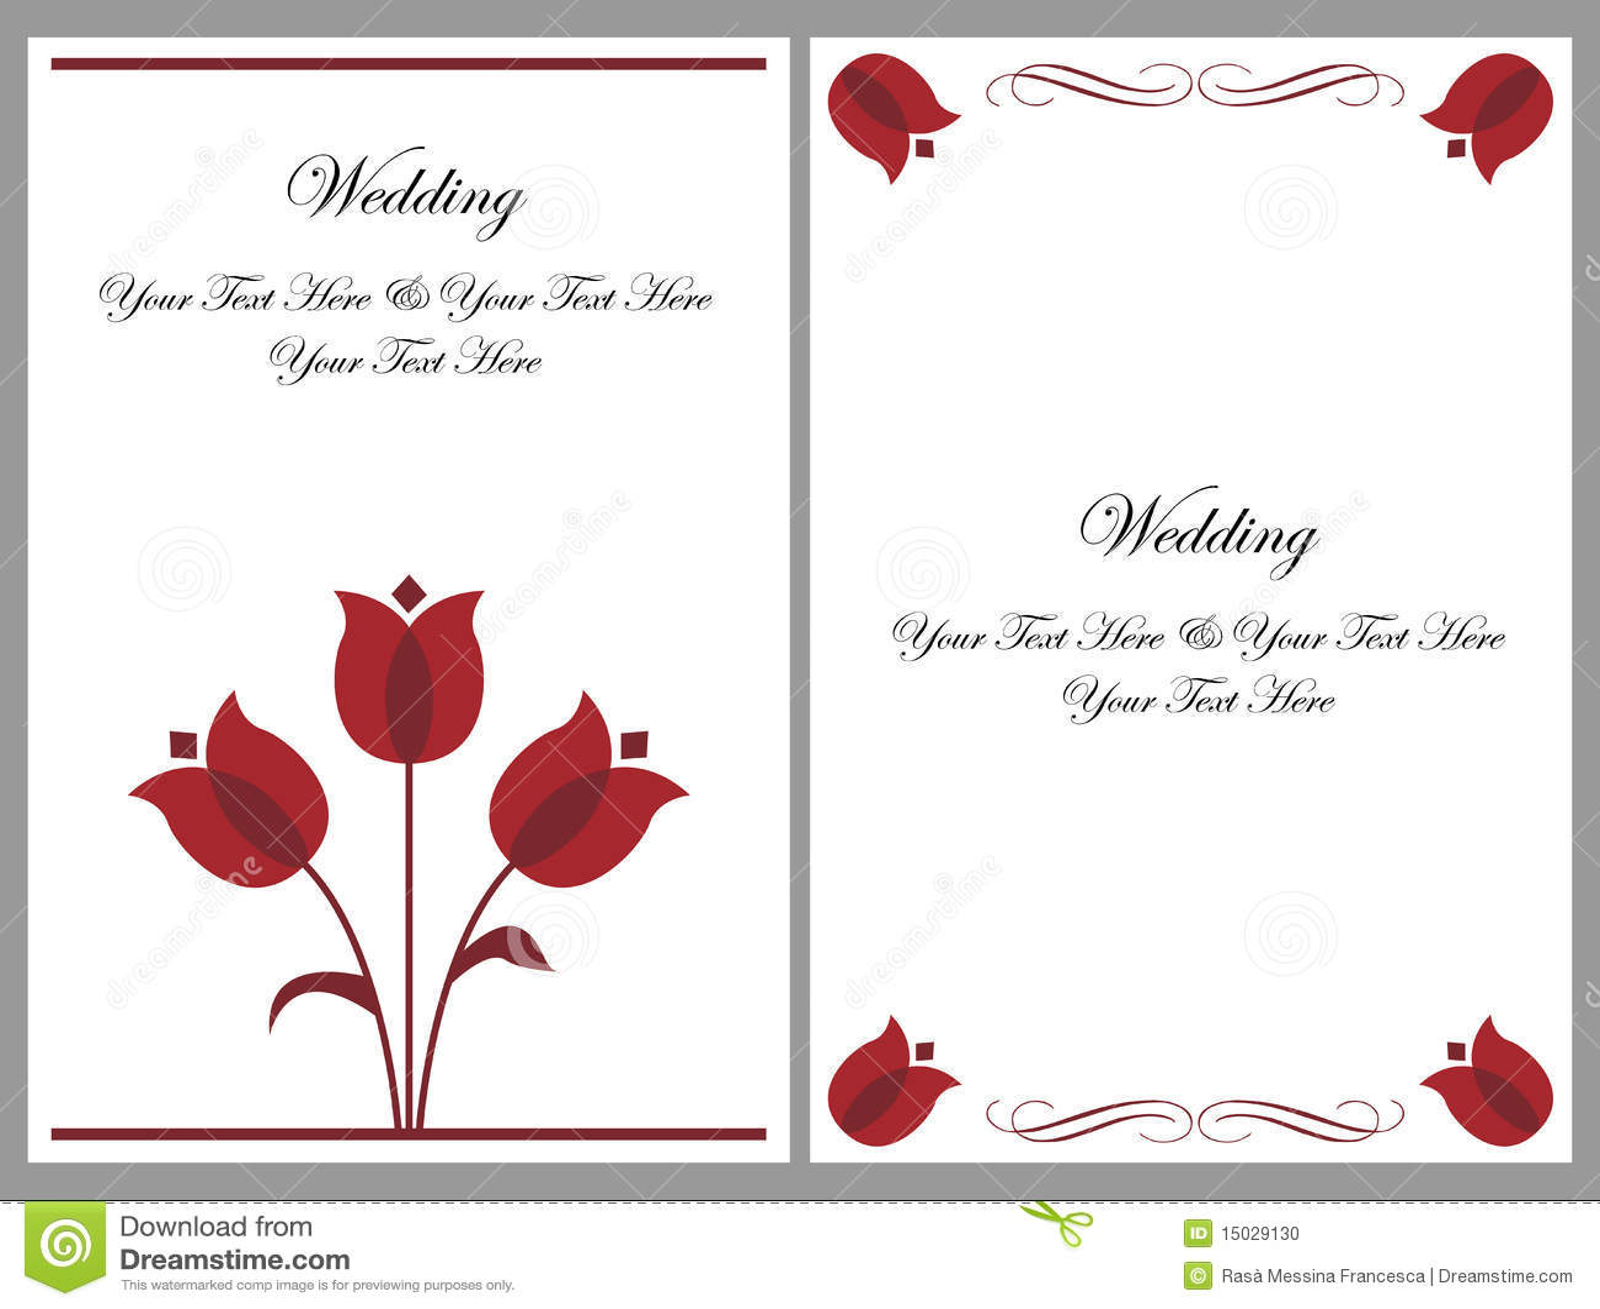 set wedding invitation cards stock vector illustration. Black Bedroom Furniture Sets. Home Design Ideas